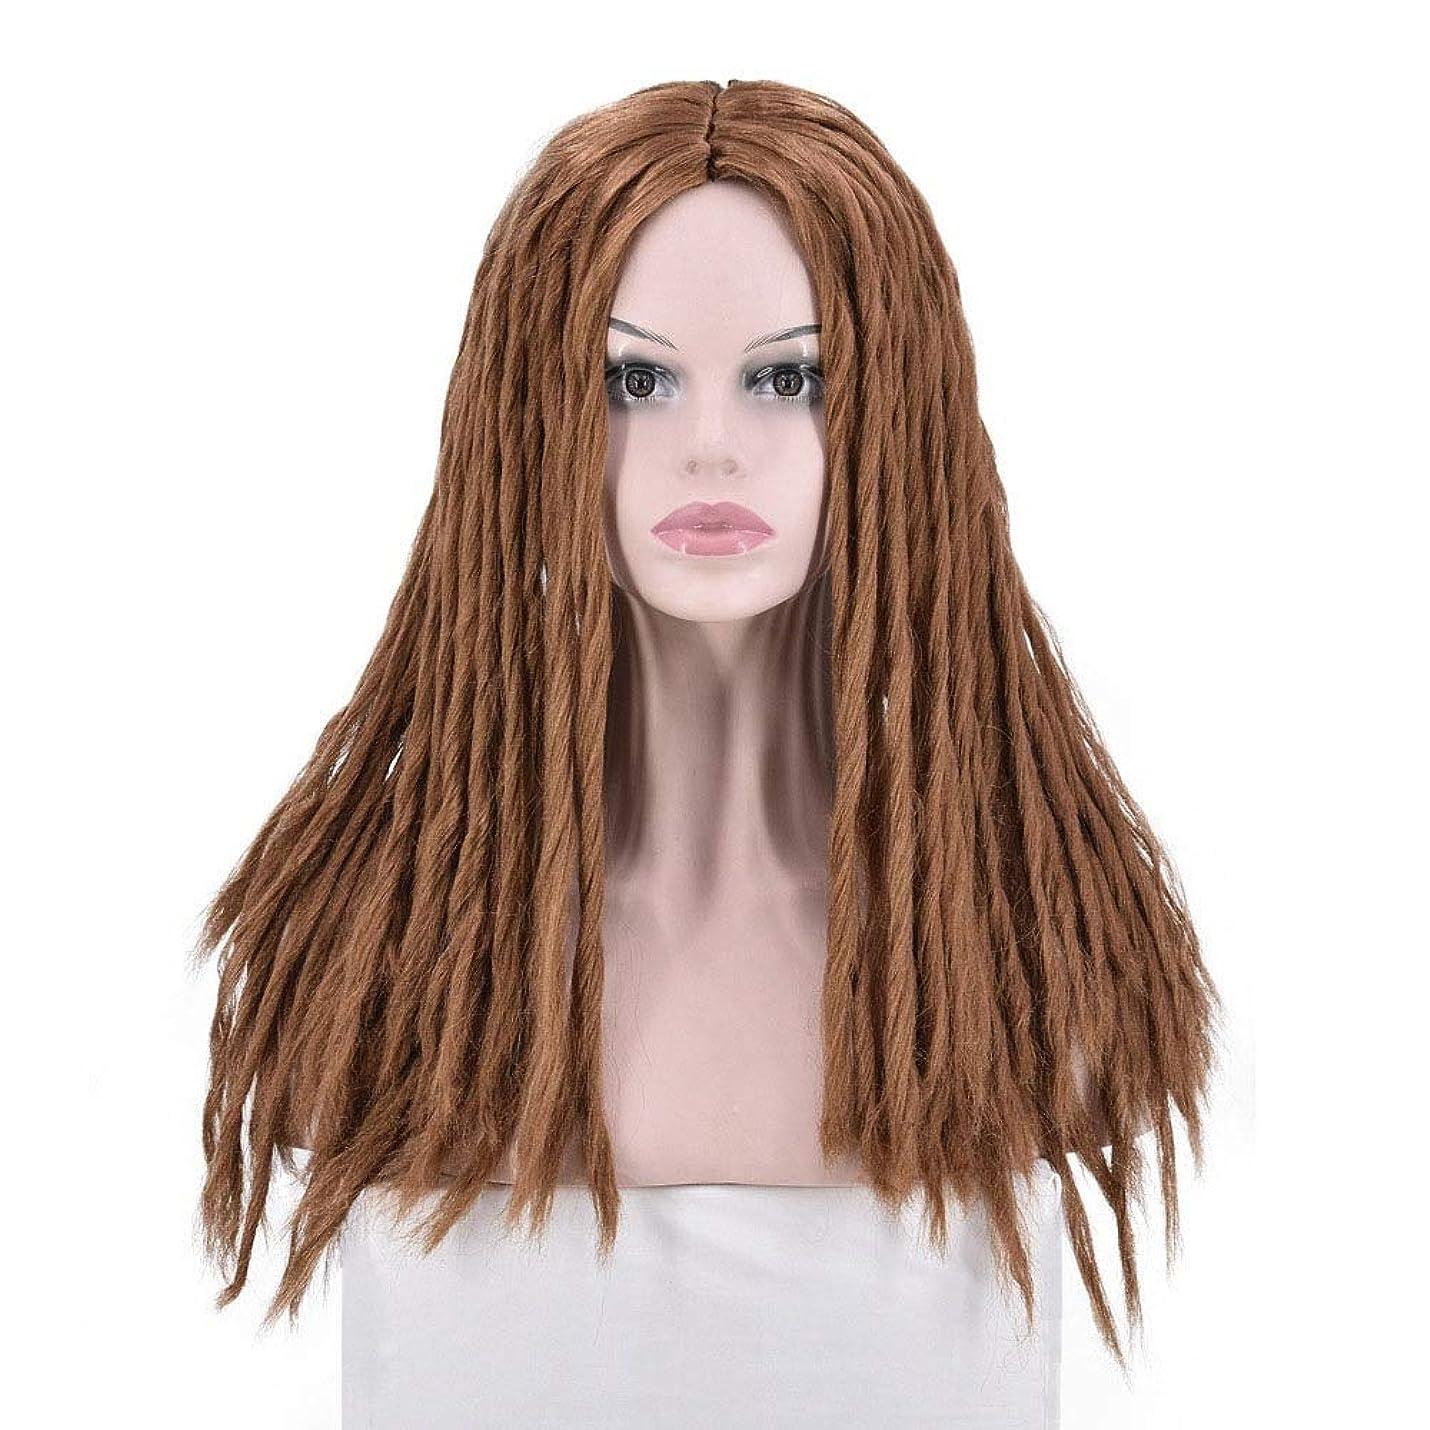 トーク舞い上がるクリップ蝶BOBIDYEE 編組かつら耐熱性繊維中央部毛髪交換のためのコスプレの女性のかつらレースのかつらロールプレイングかつら (色 : ブラウン)